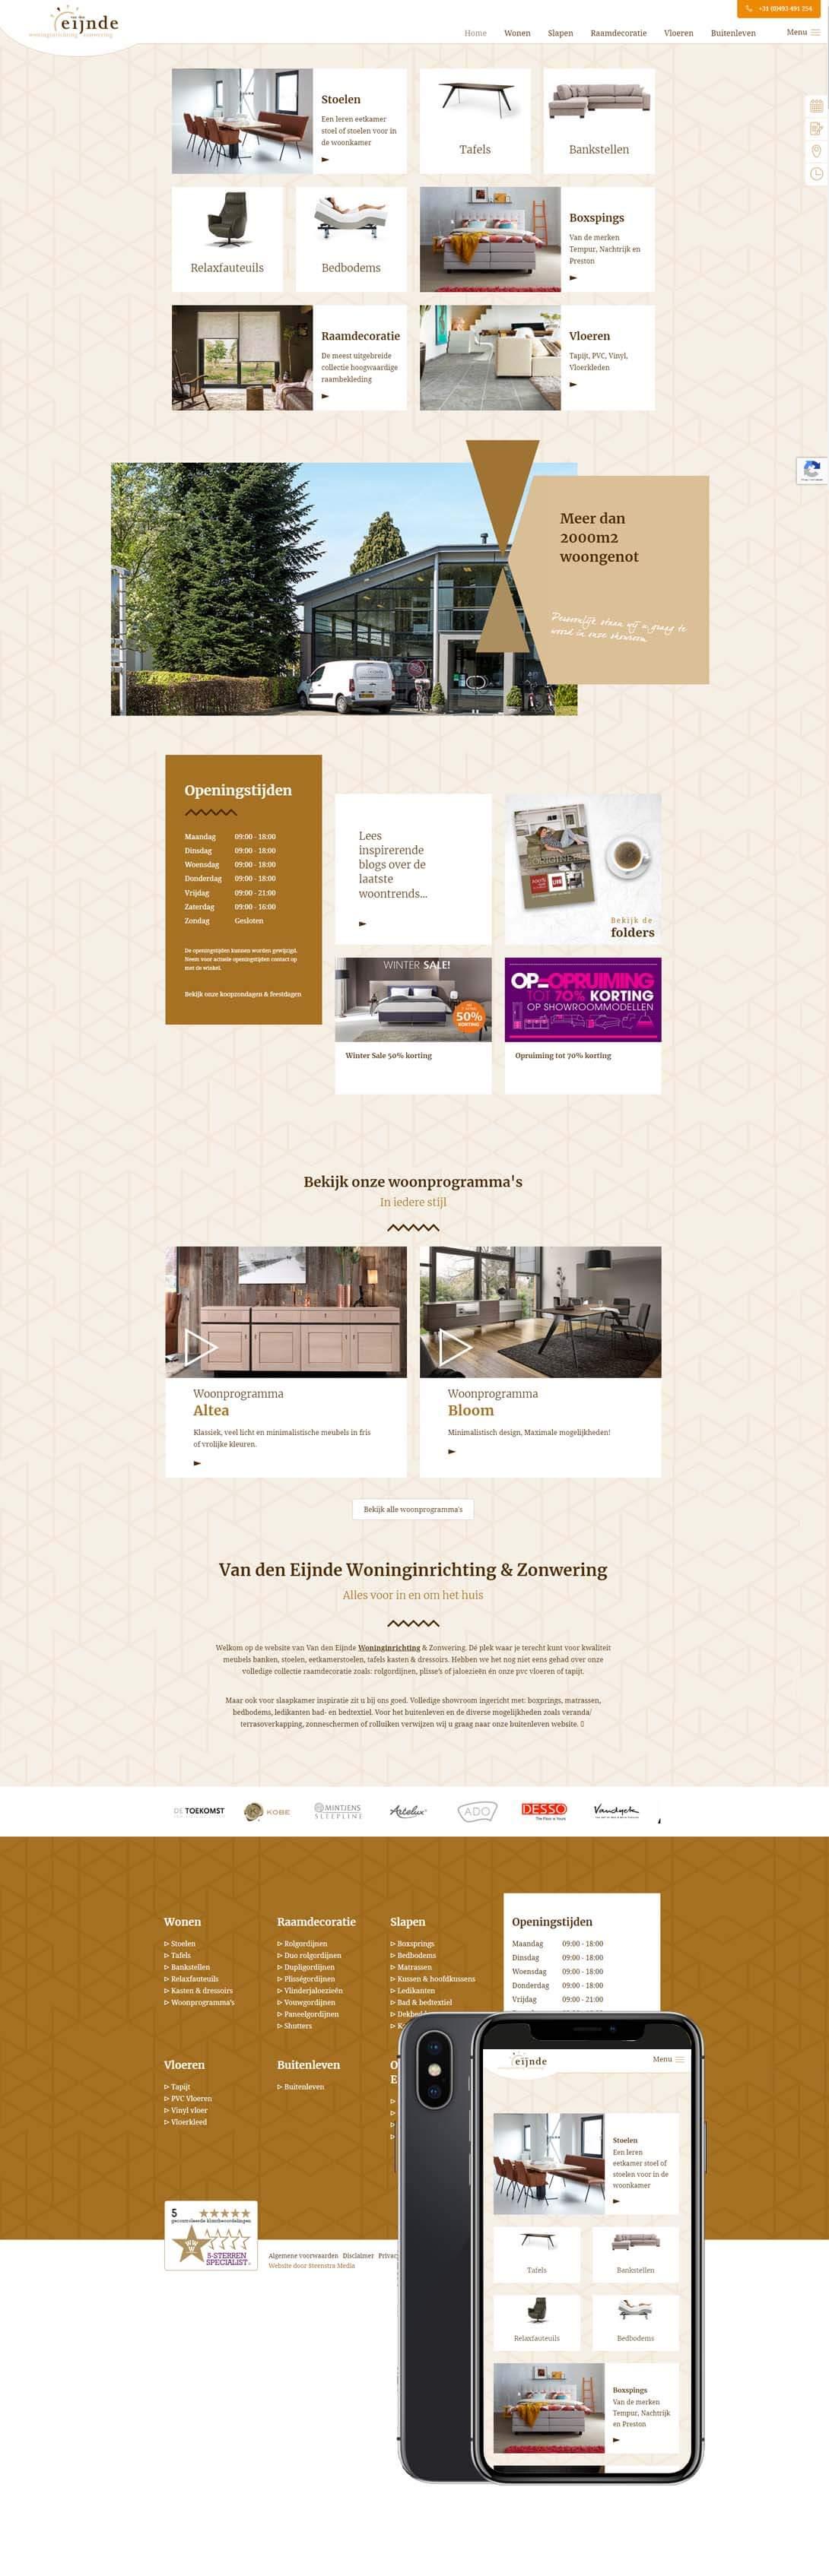 van-den-Eijnde-Woninginrichting-Someren-website-maken-internetbureau-steenstramedia